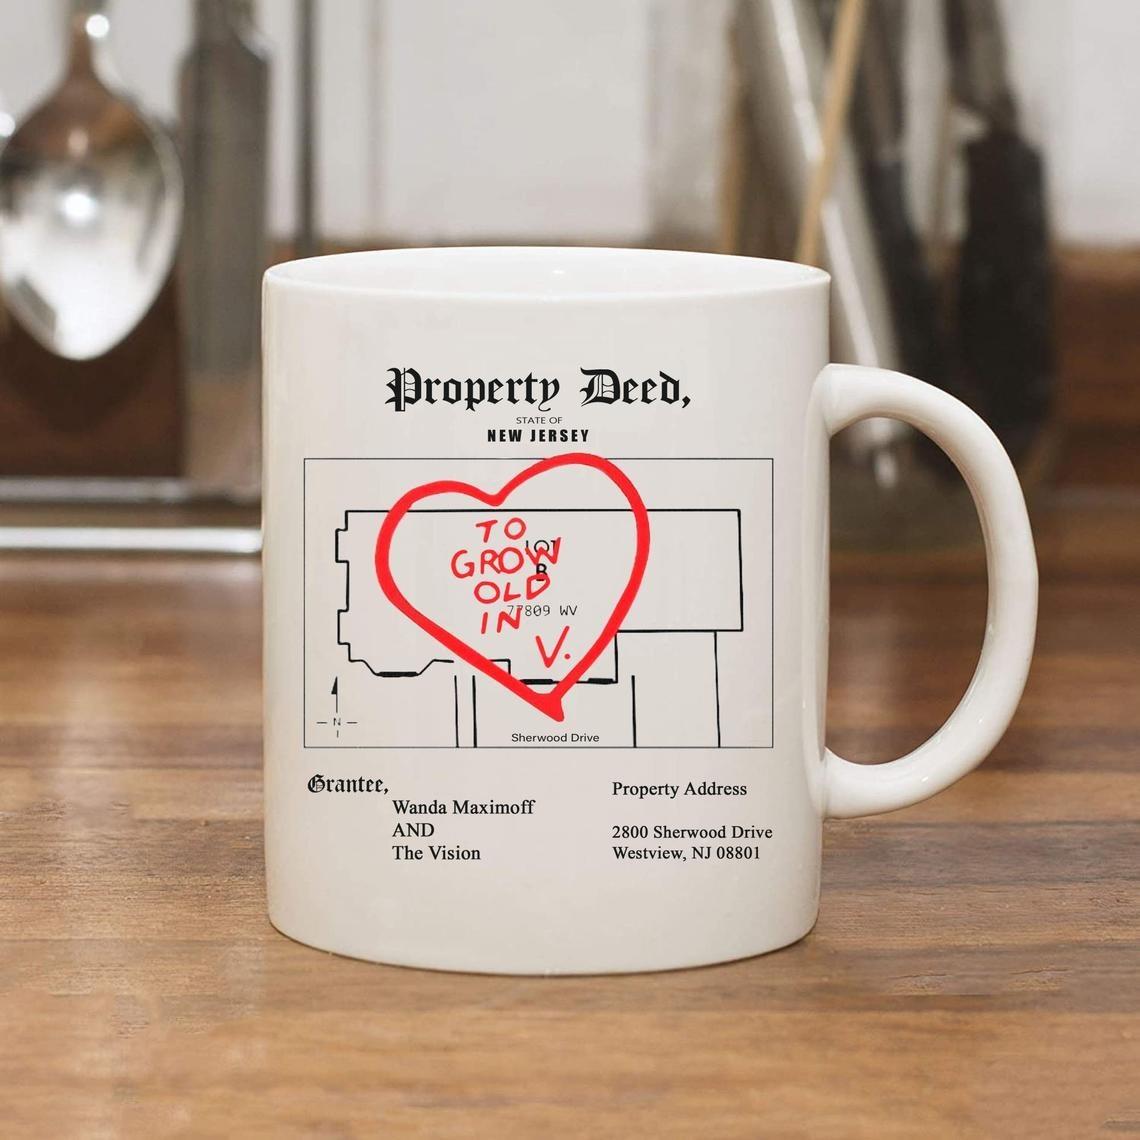 The coffee mug on a table